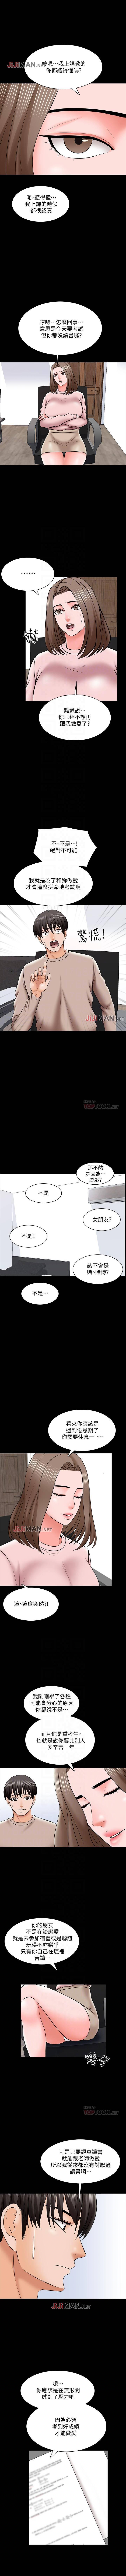 【周一连载】家教老师(作者: CreamMedia) 第1~43话 240